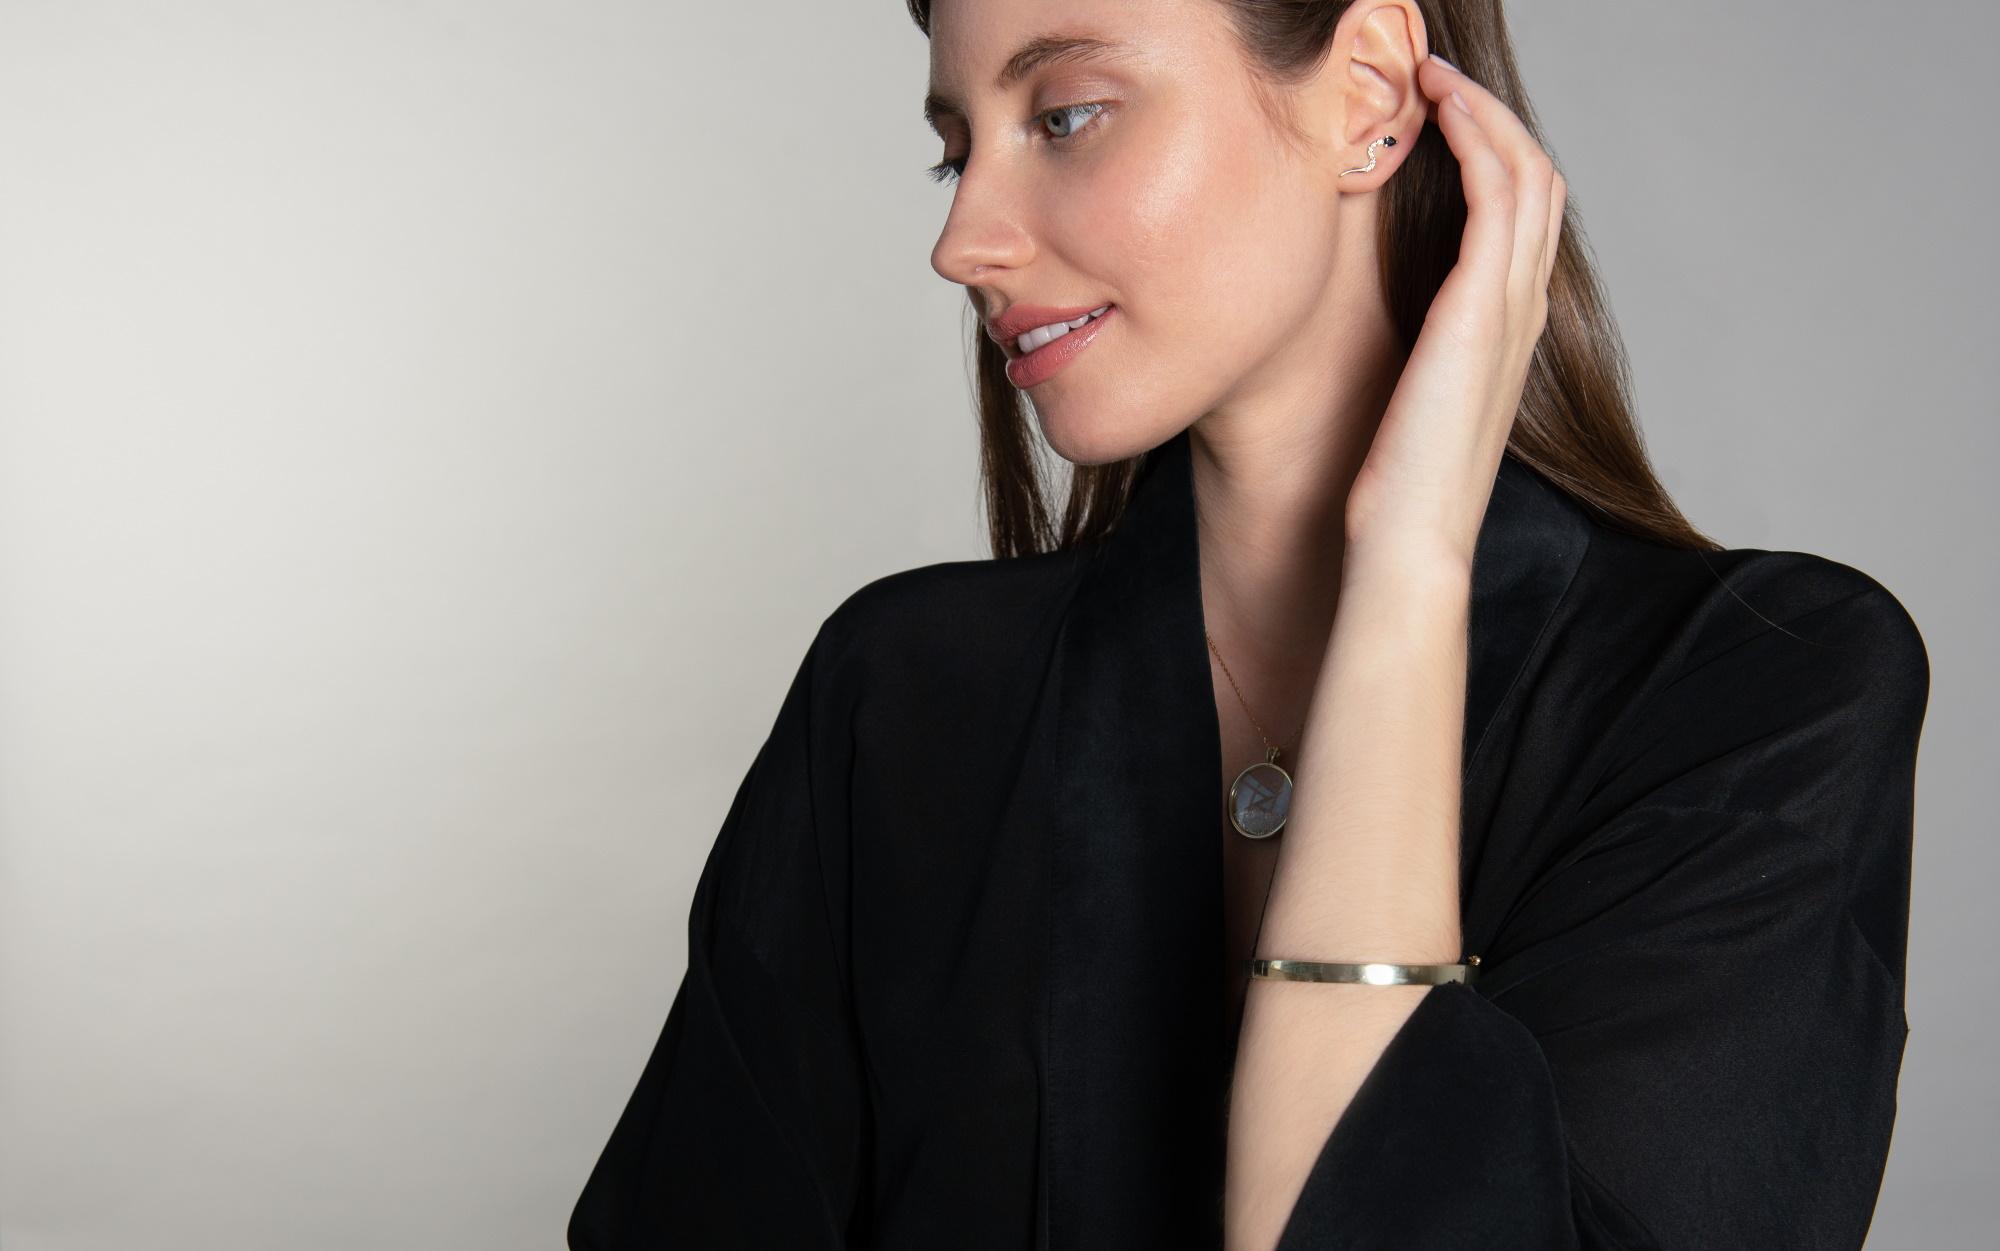 Tânără îmbrăcată în negru cu brățară din aur și cercei scurți la ureche